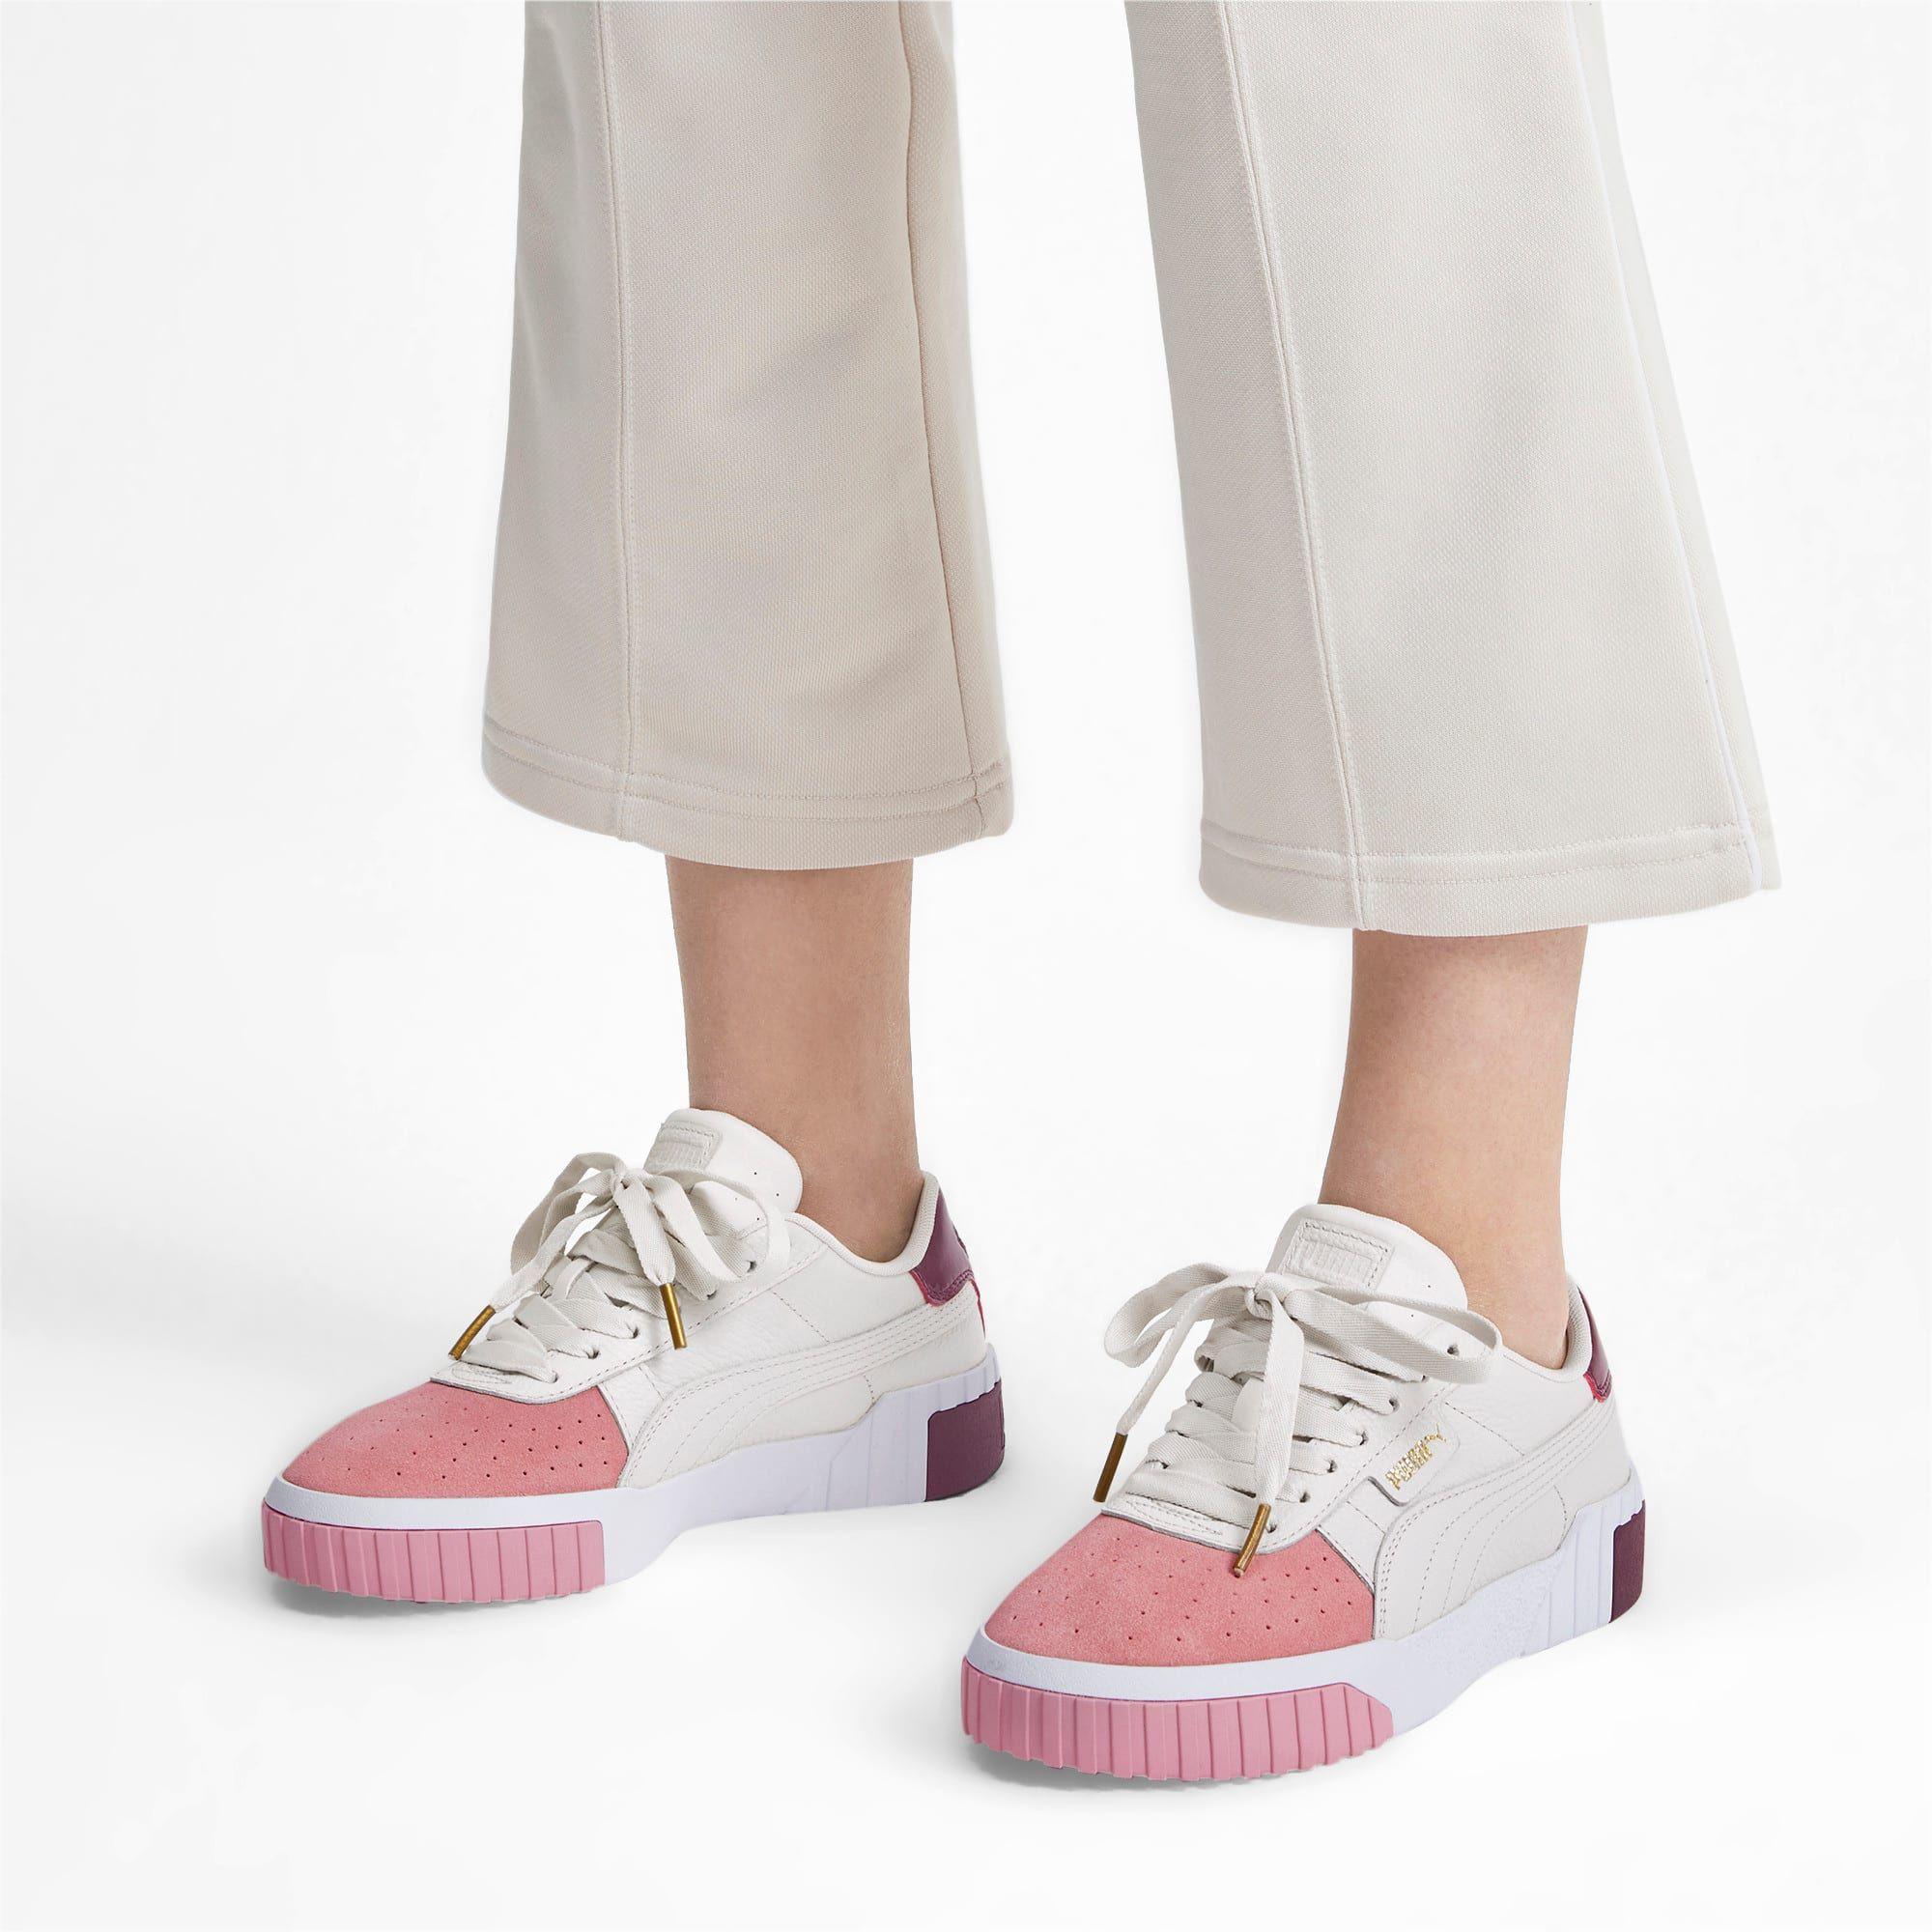 Selena Gomez Models PUMA CALI Remix Sneaker